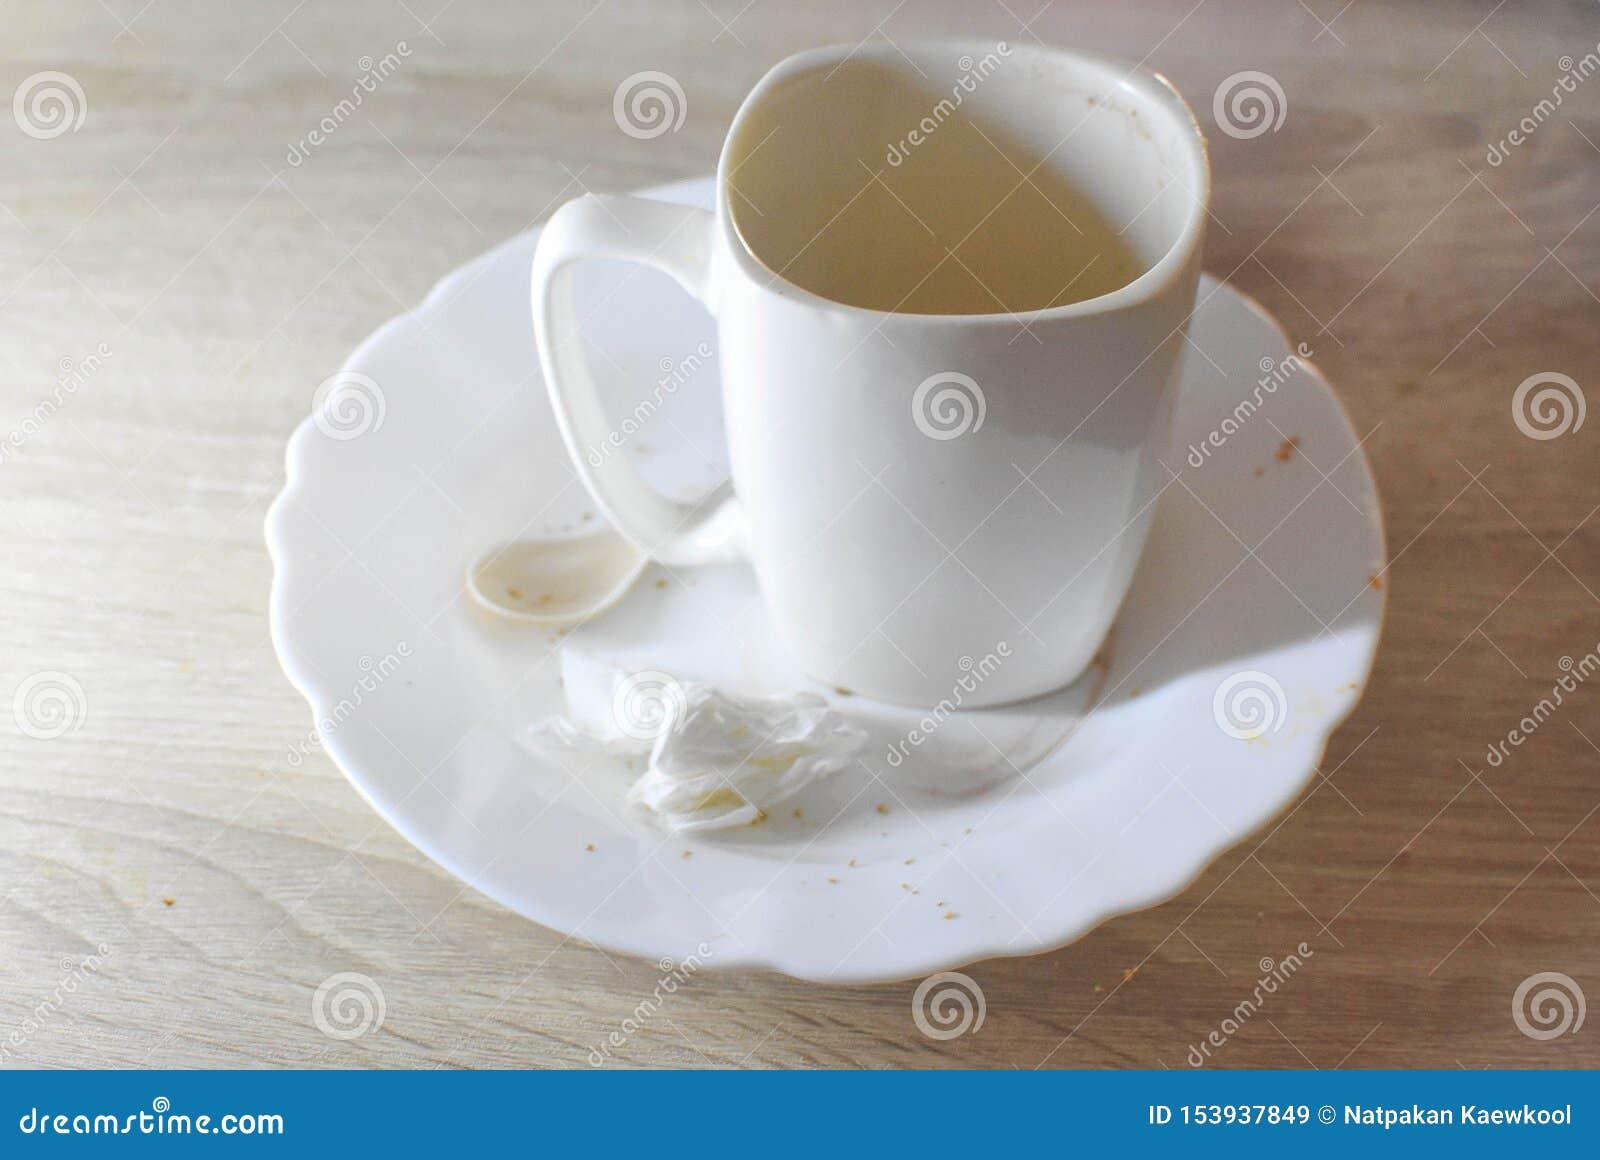 Kopp för vitt kaffe, morgondrink